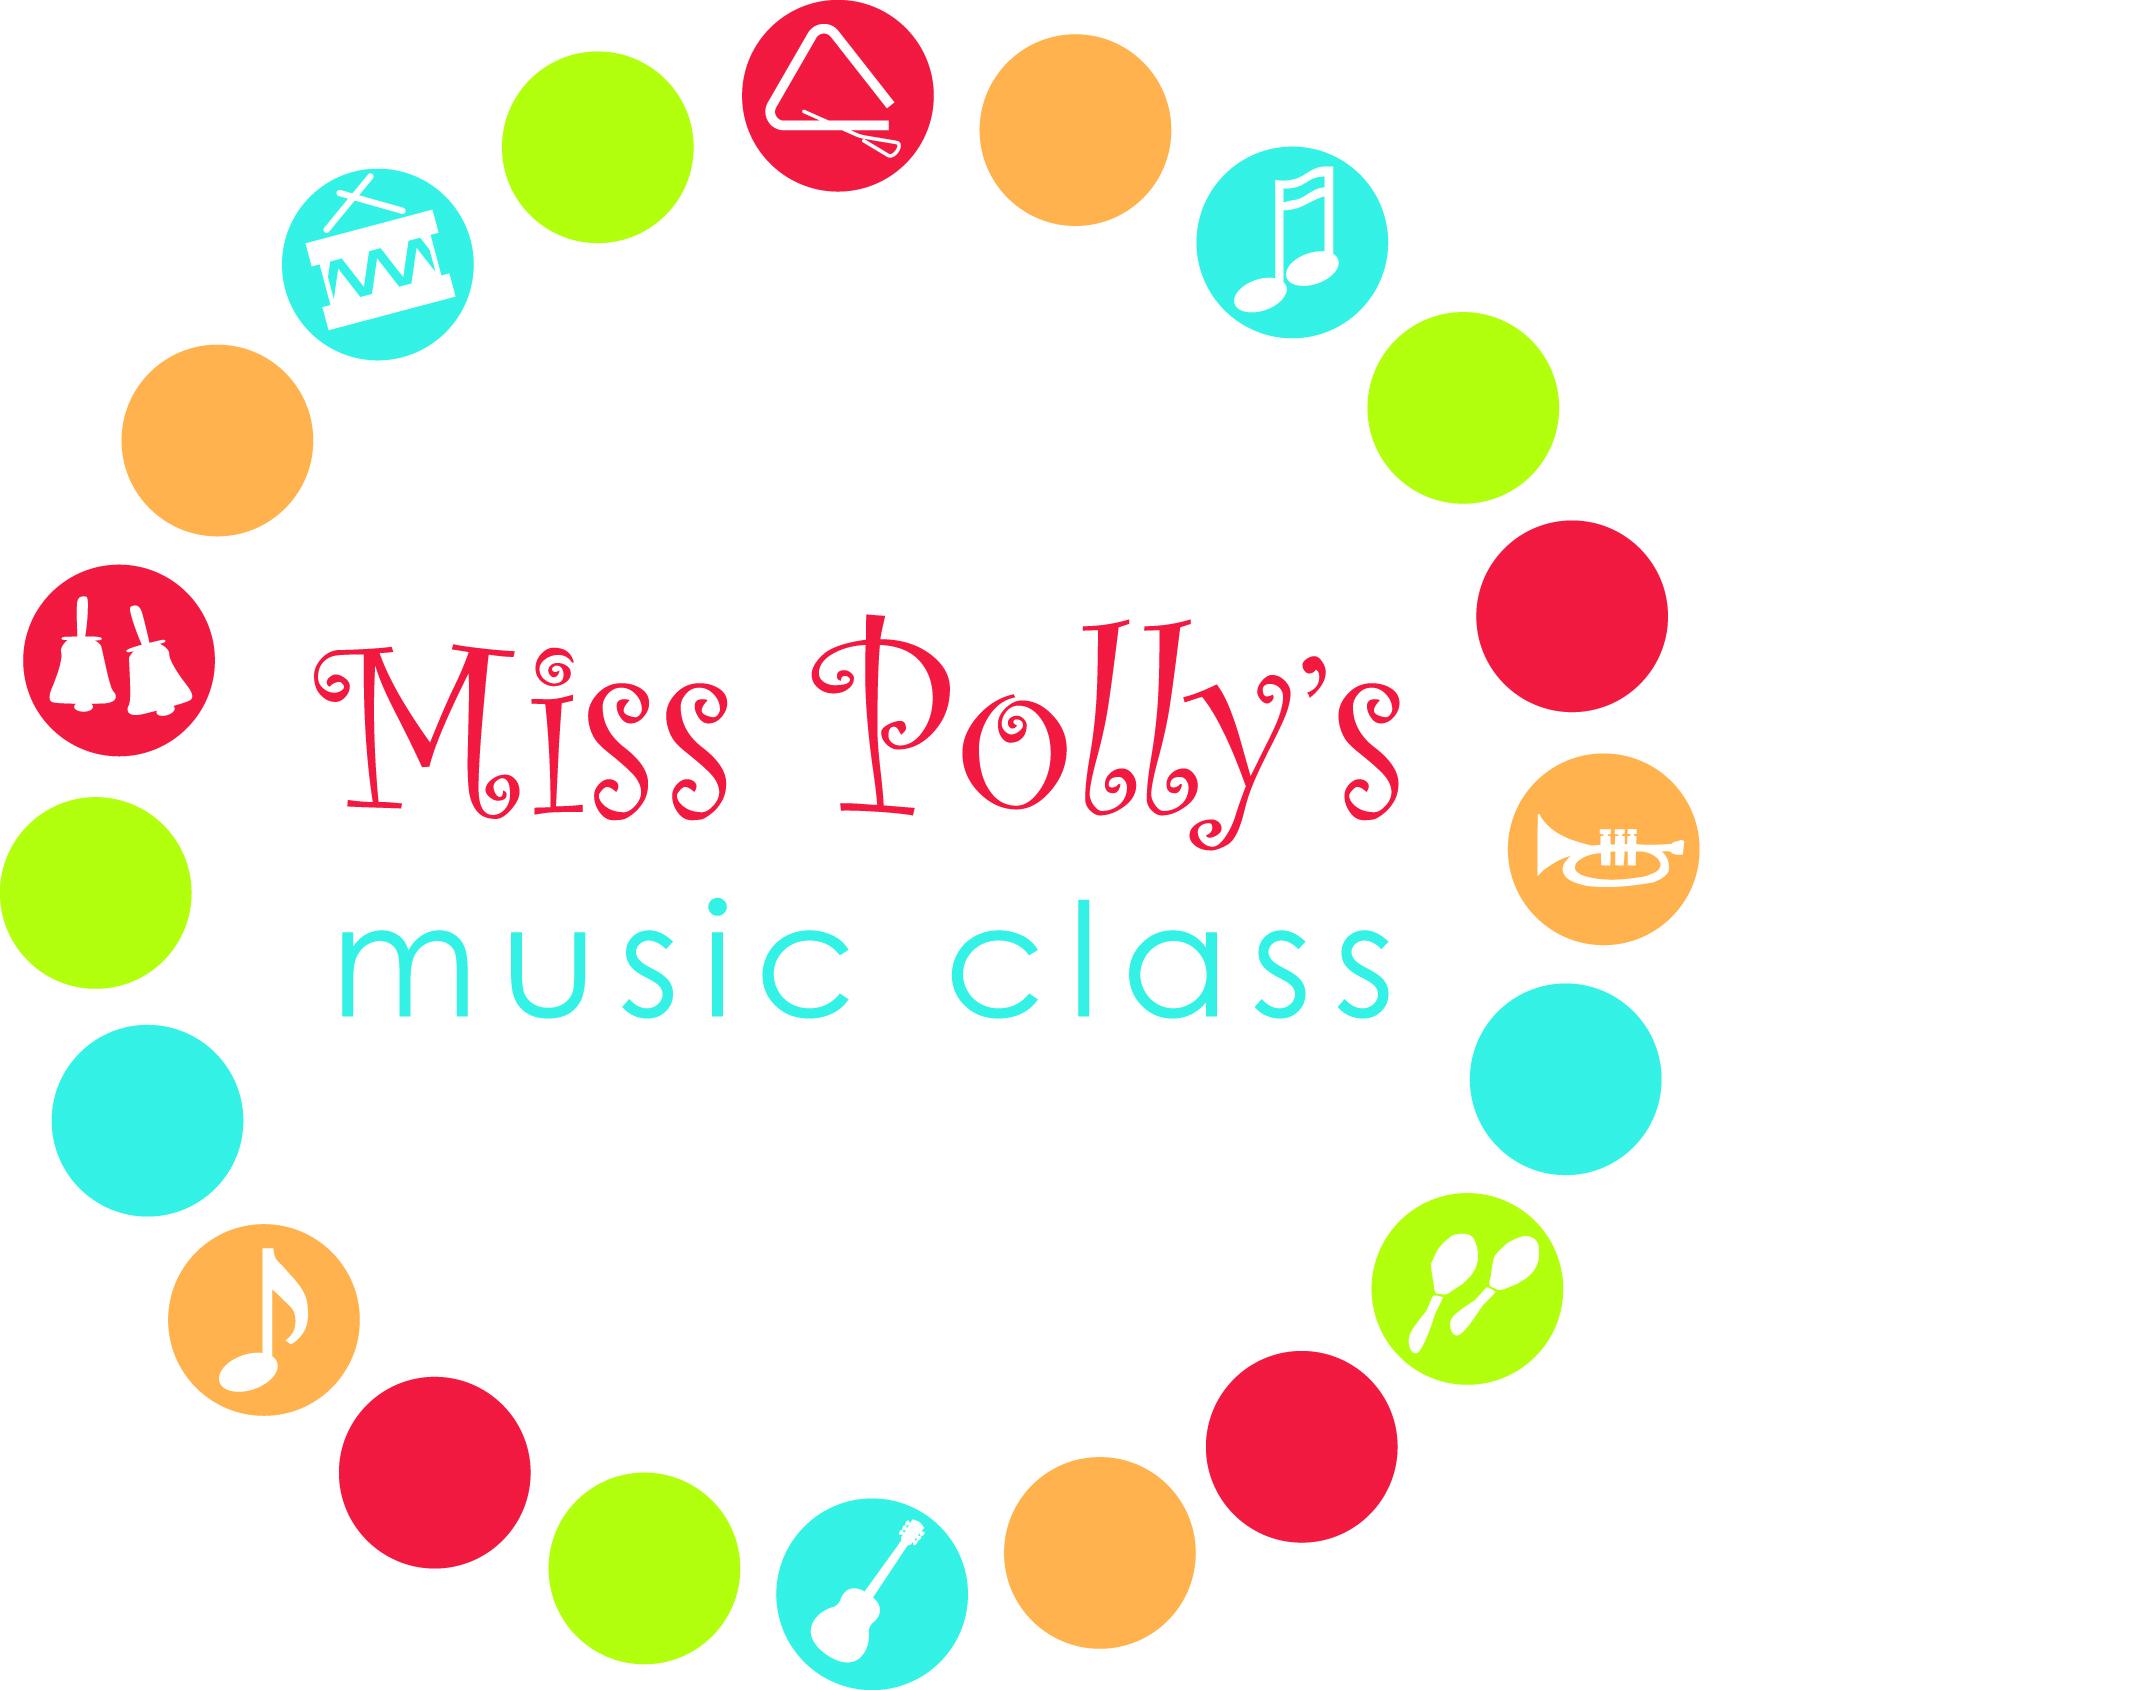 Miss Pollys Music Class